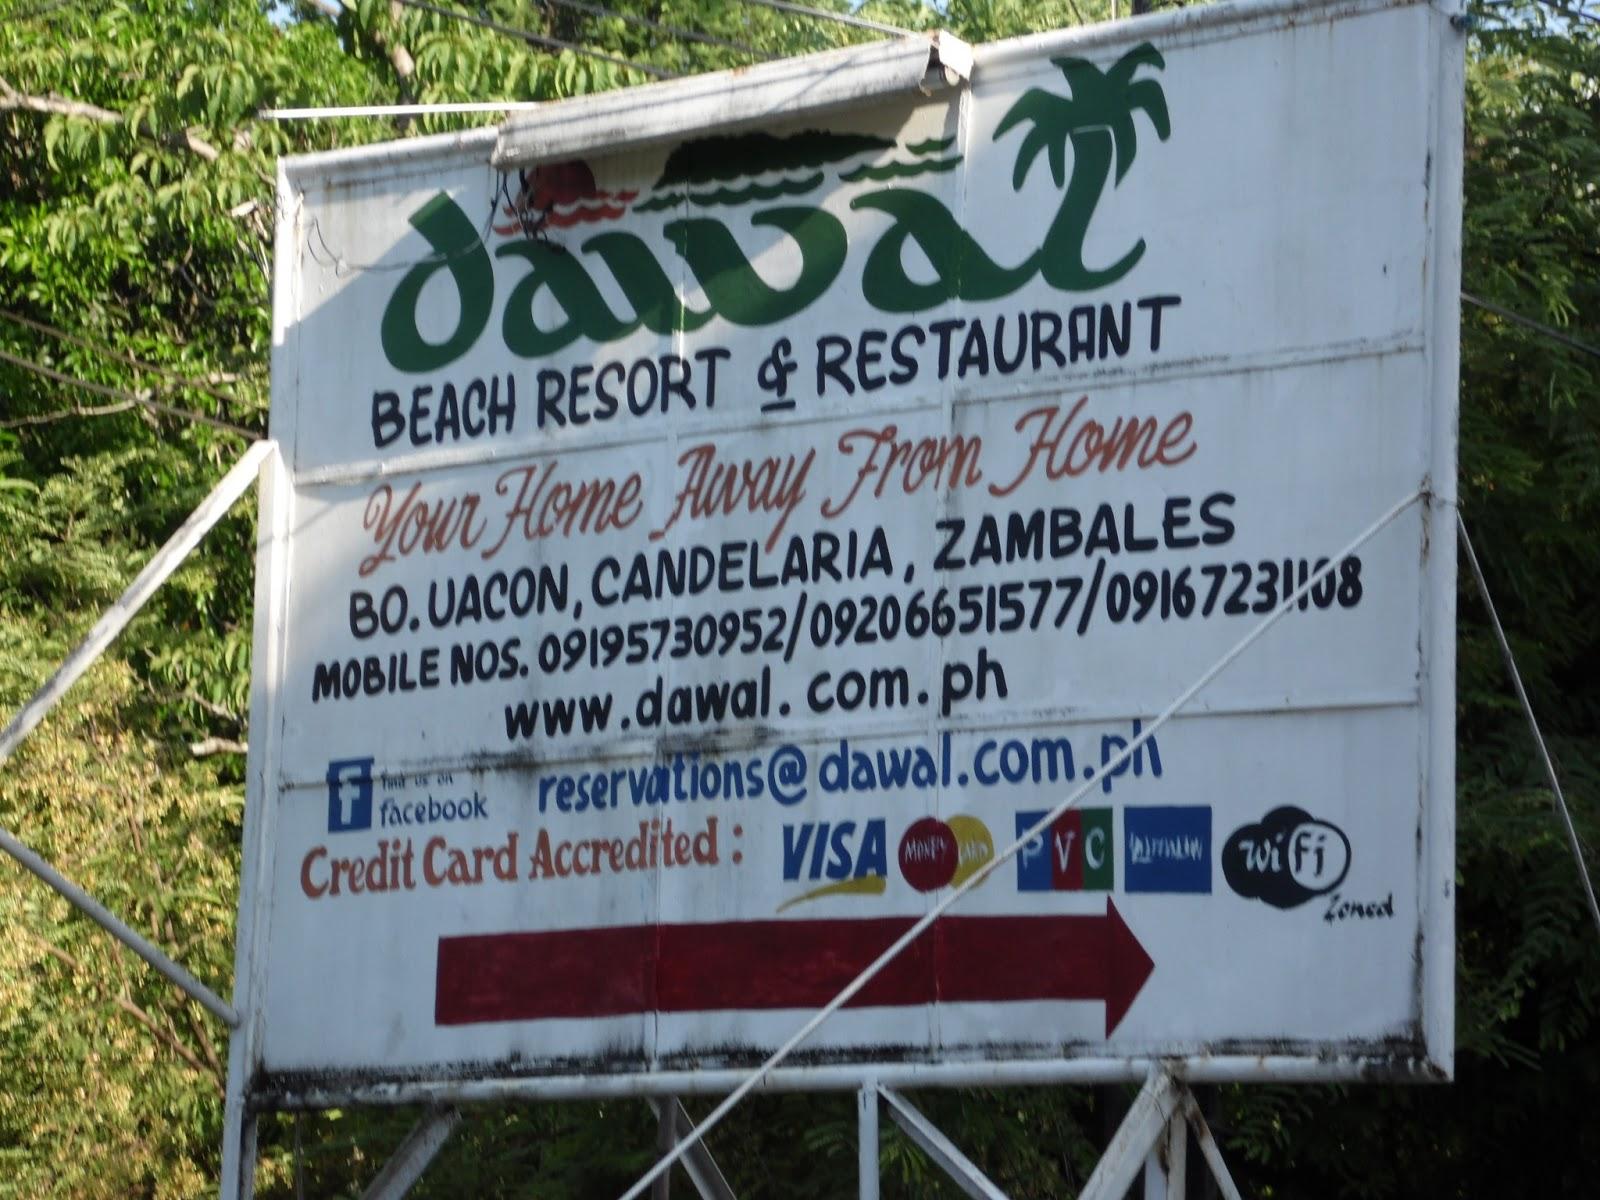 Dawal Beach Resort Zambales Rates